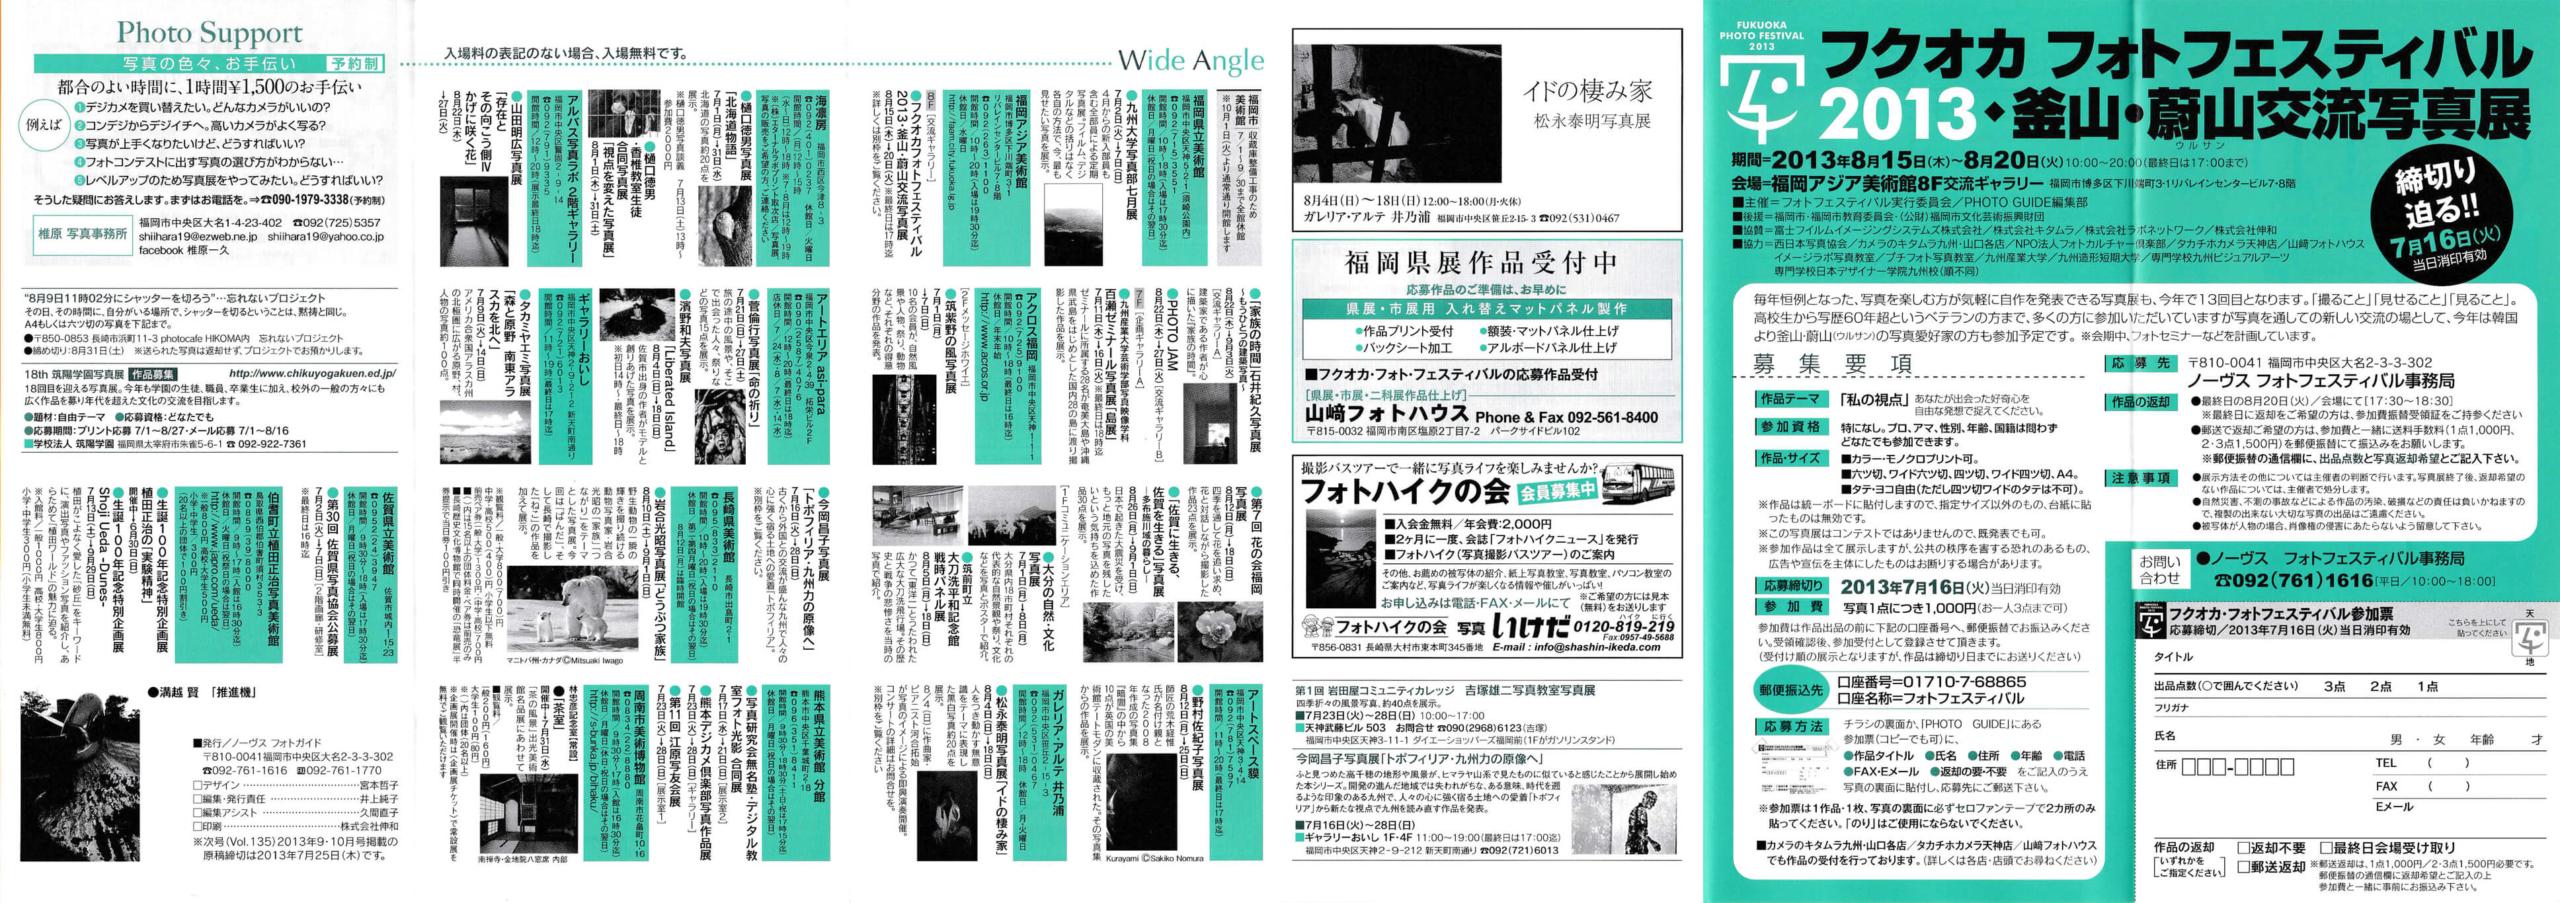 フォトガイドふくおか|アーカイブ|vol134